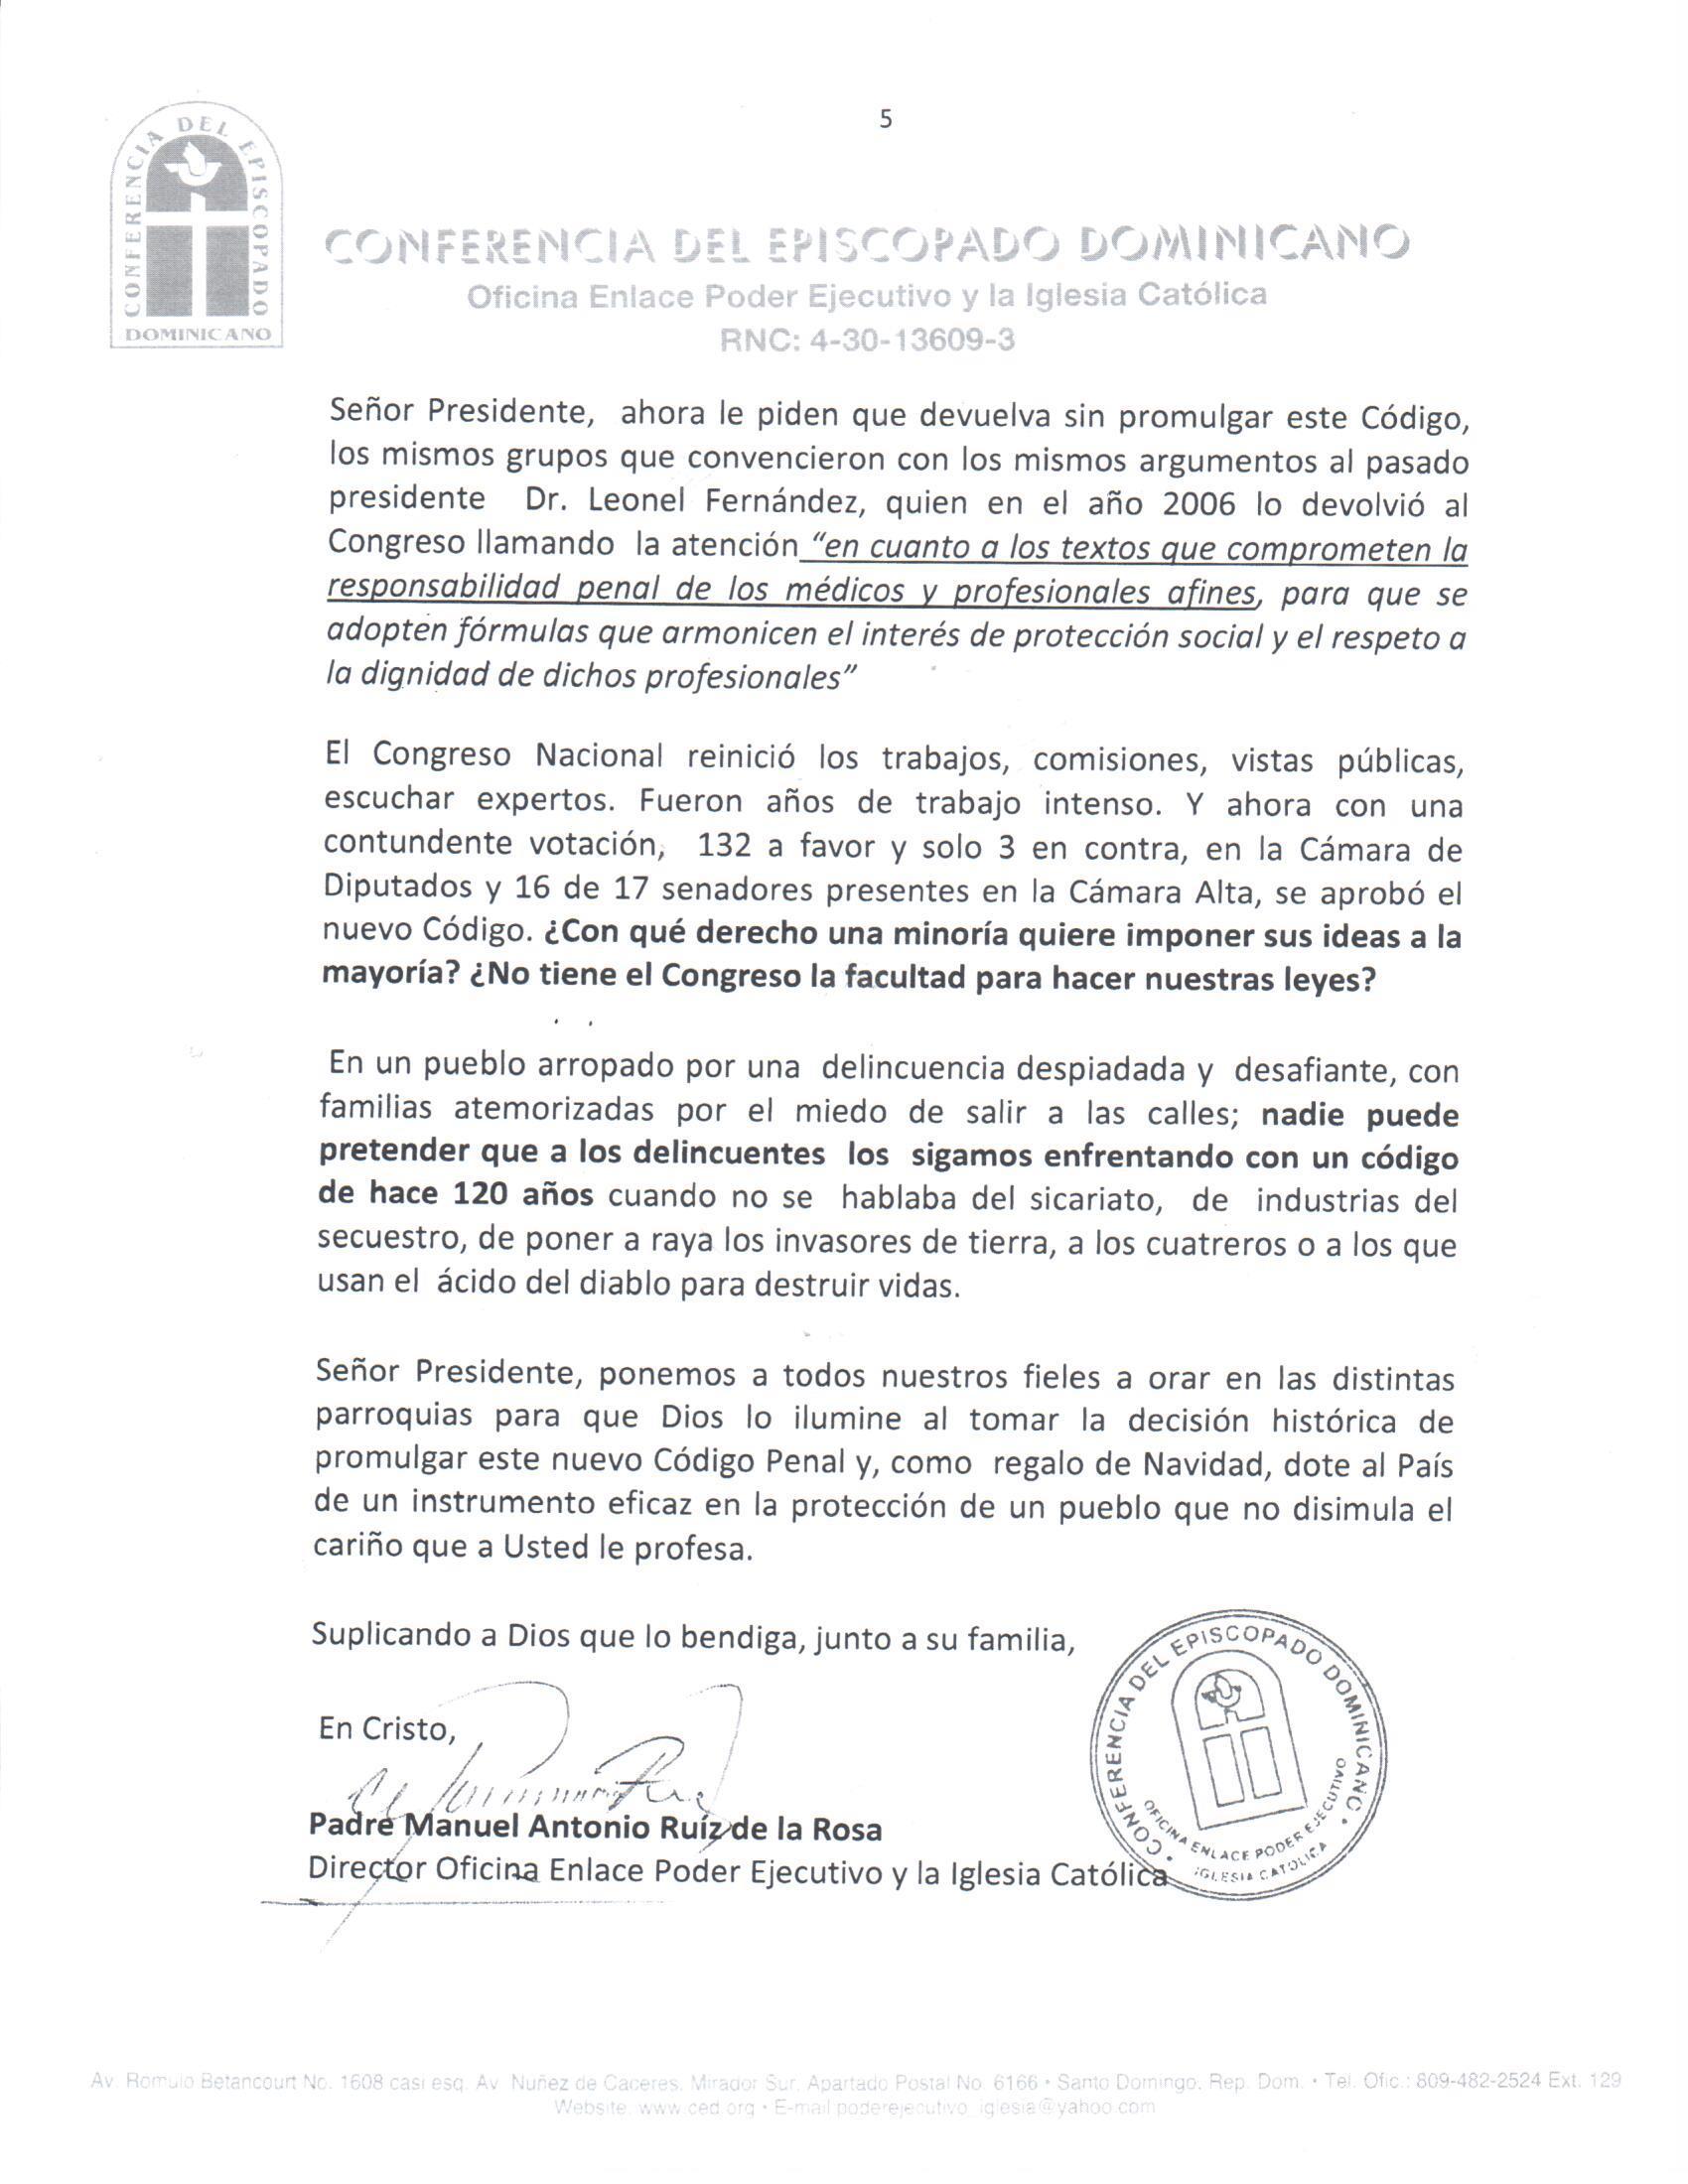 Episcopado envía carta a Medina pidiéndole que promulgue nuevo Código Penal